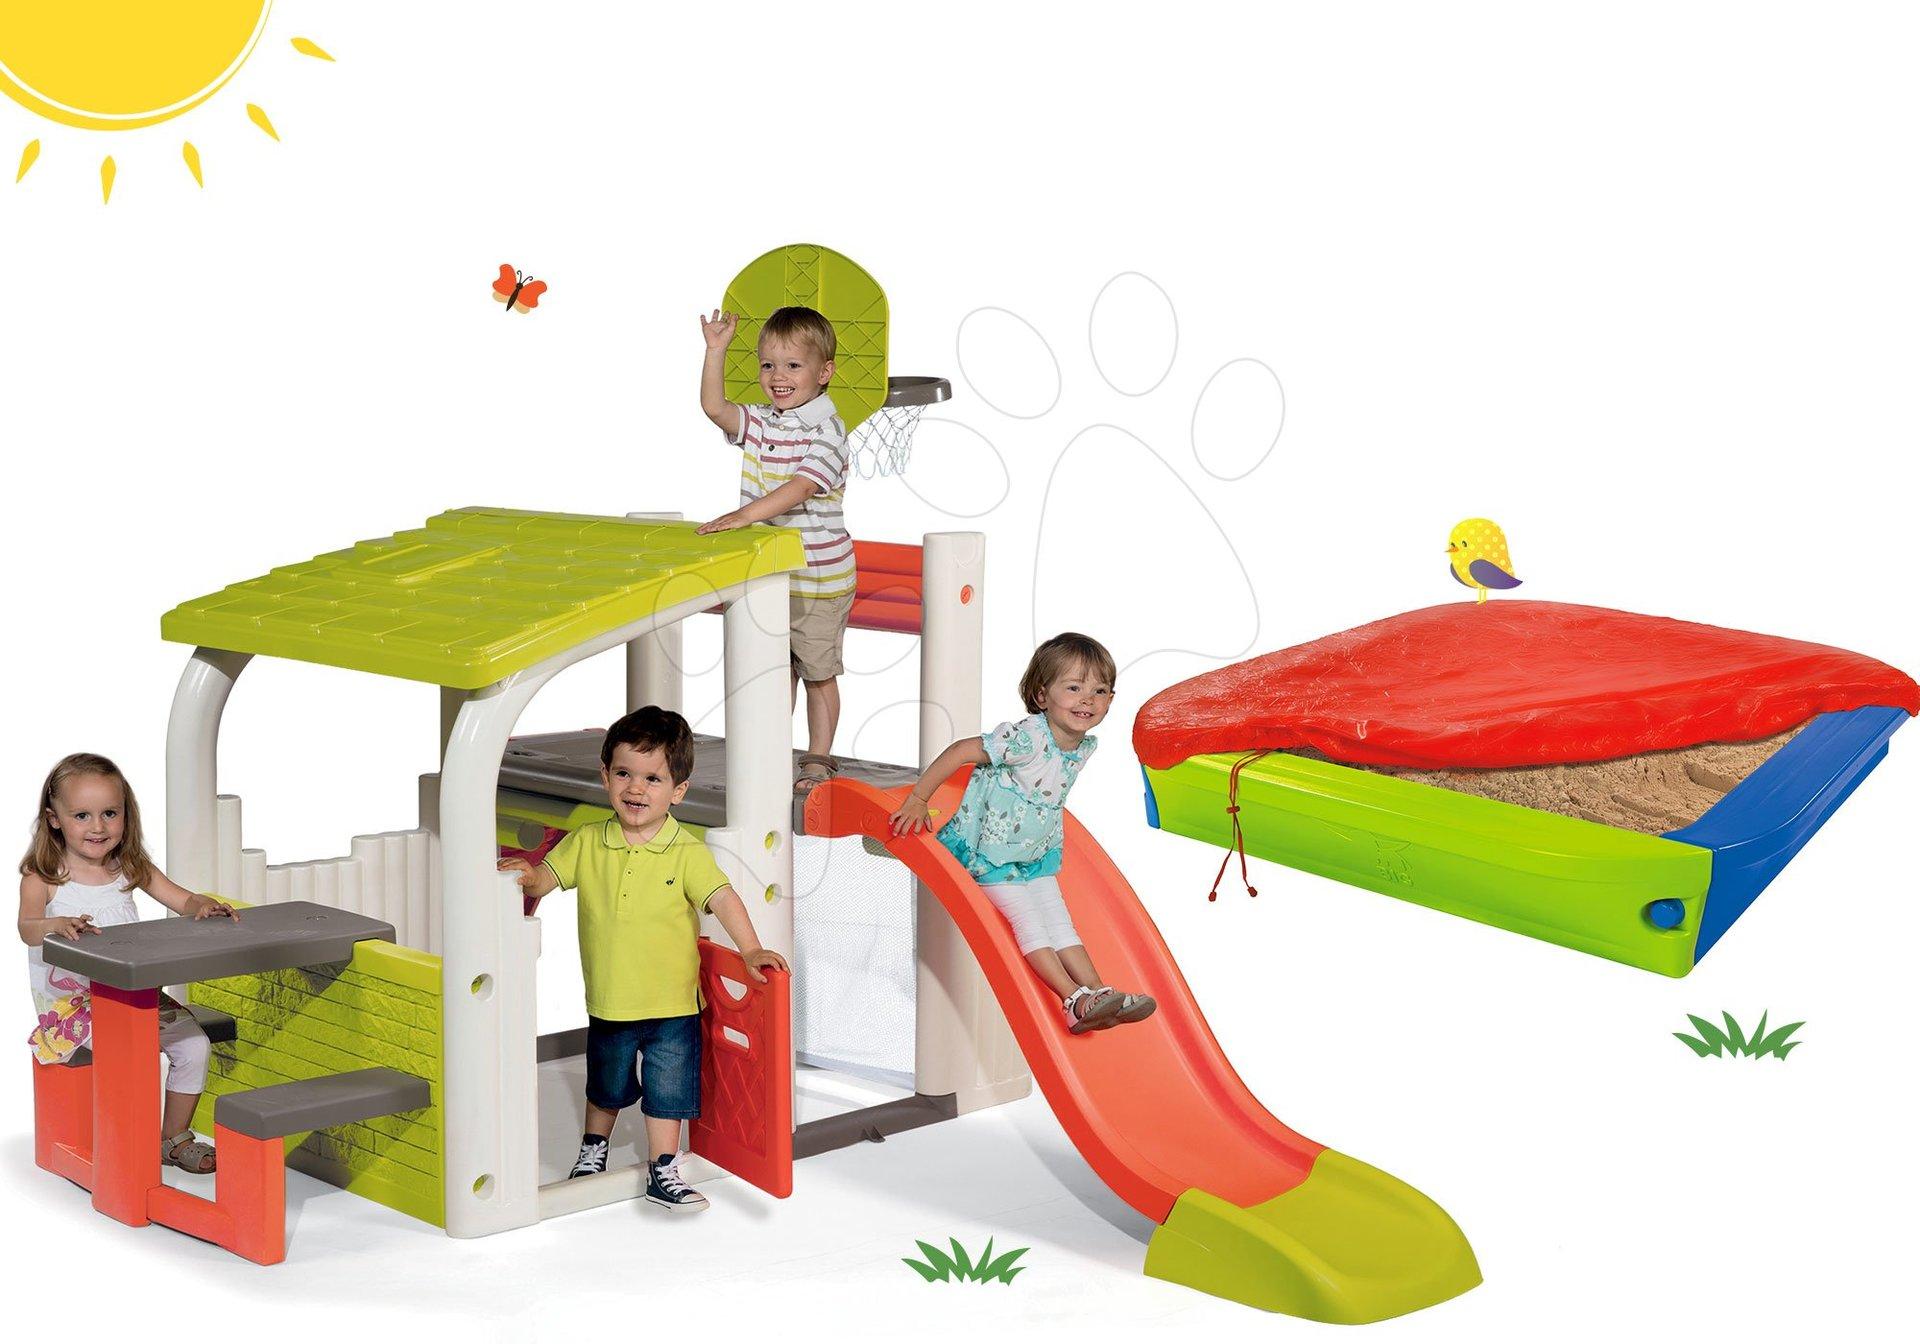 Hracie centrá - Set hracie centrum Fun Center Smoby so šmykľavkou dlhou 150 cm a farebné pieskovisko s plachtou od 24 mes